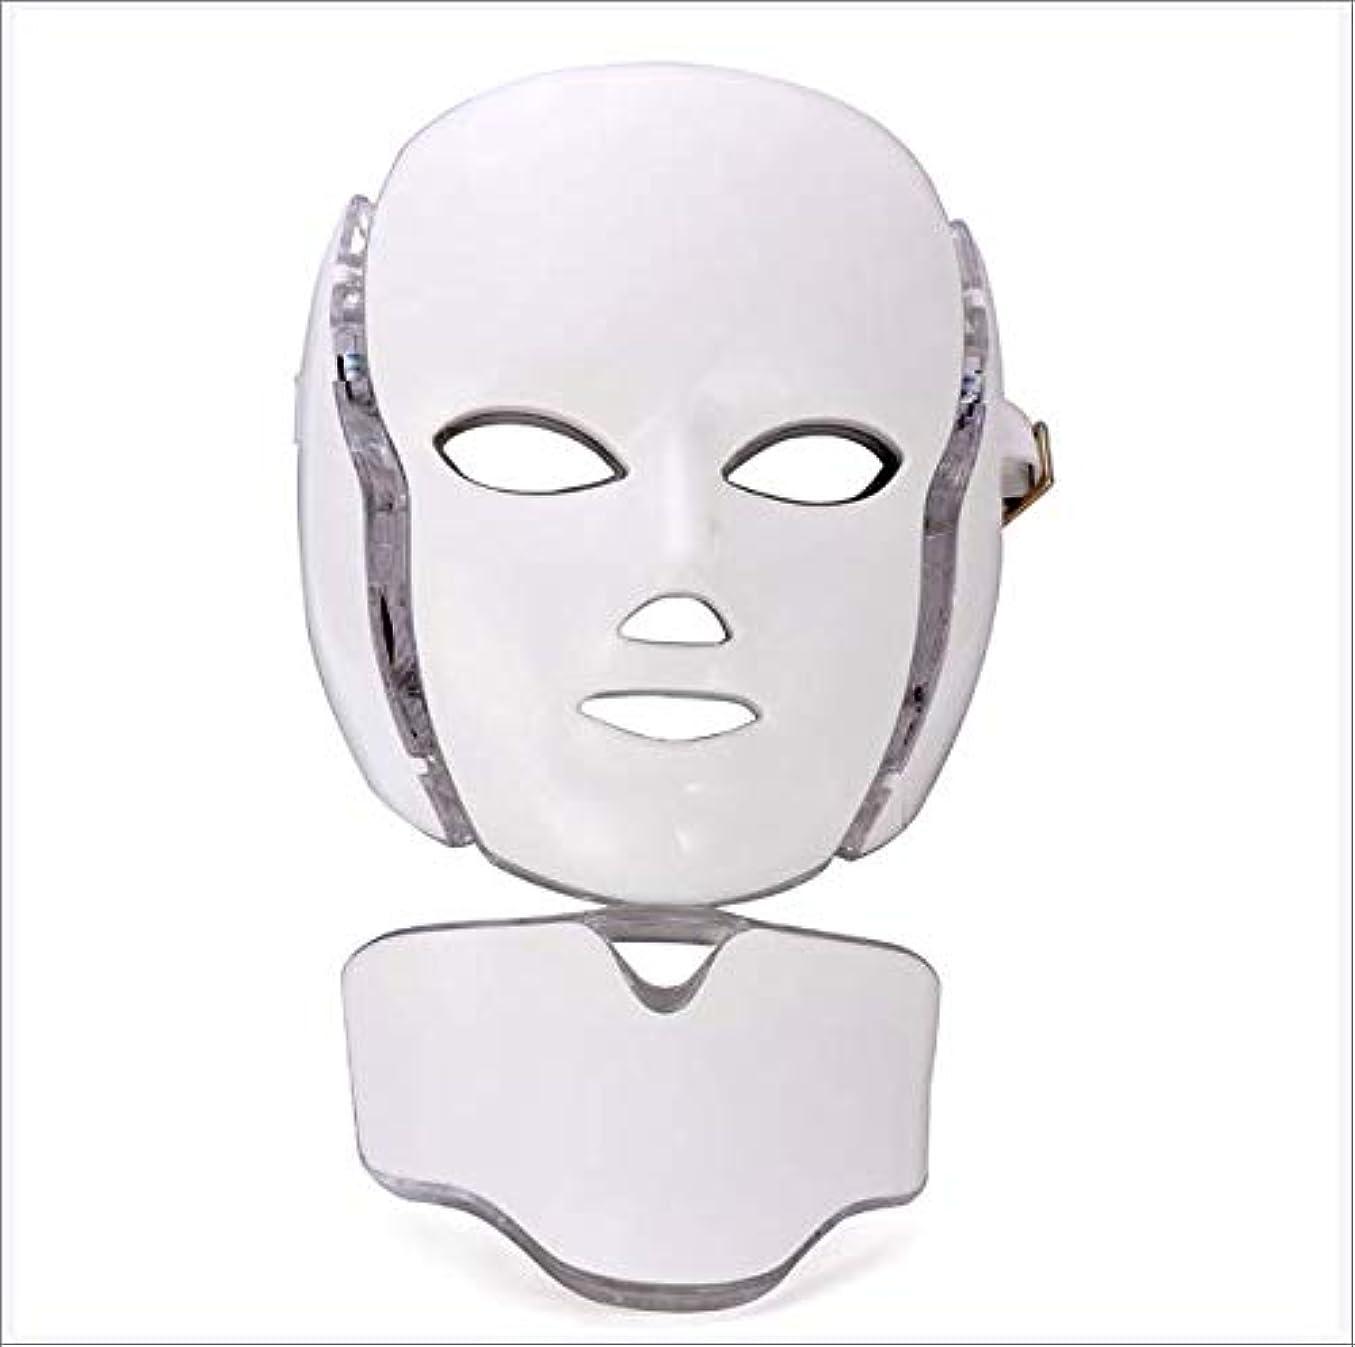 誰が失敗旧正月LEDフェイスマスク7色光療法マスクコラーゲン、LED光線療法美容器具、首カバースーツ付き皮膚締め付け器具